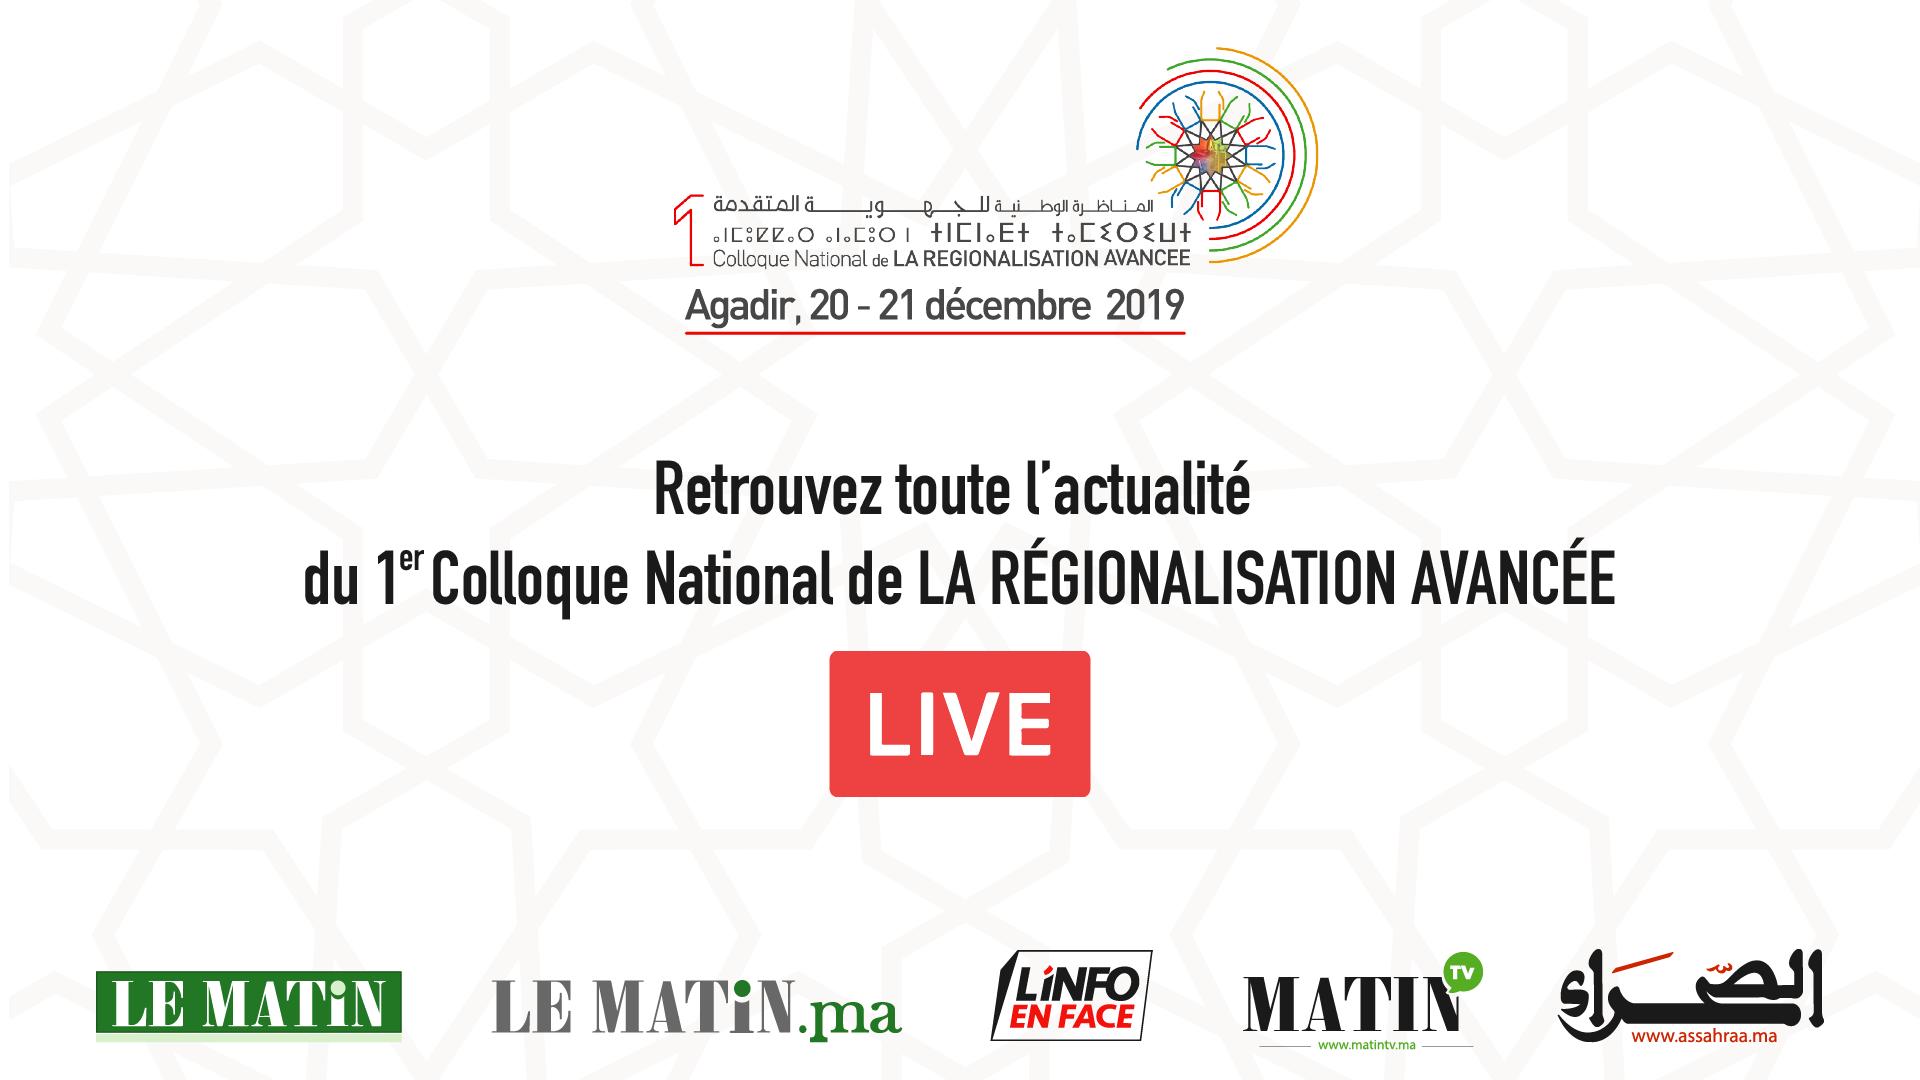 Live : Cérémonie de clôture du CNRA en direct de Agadir